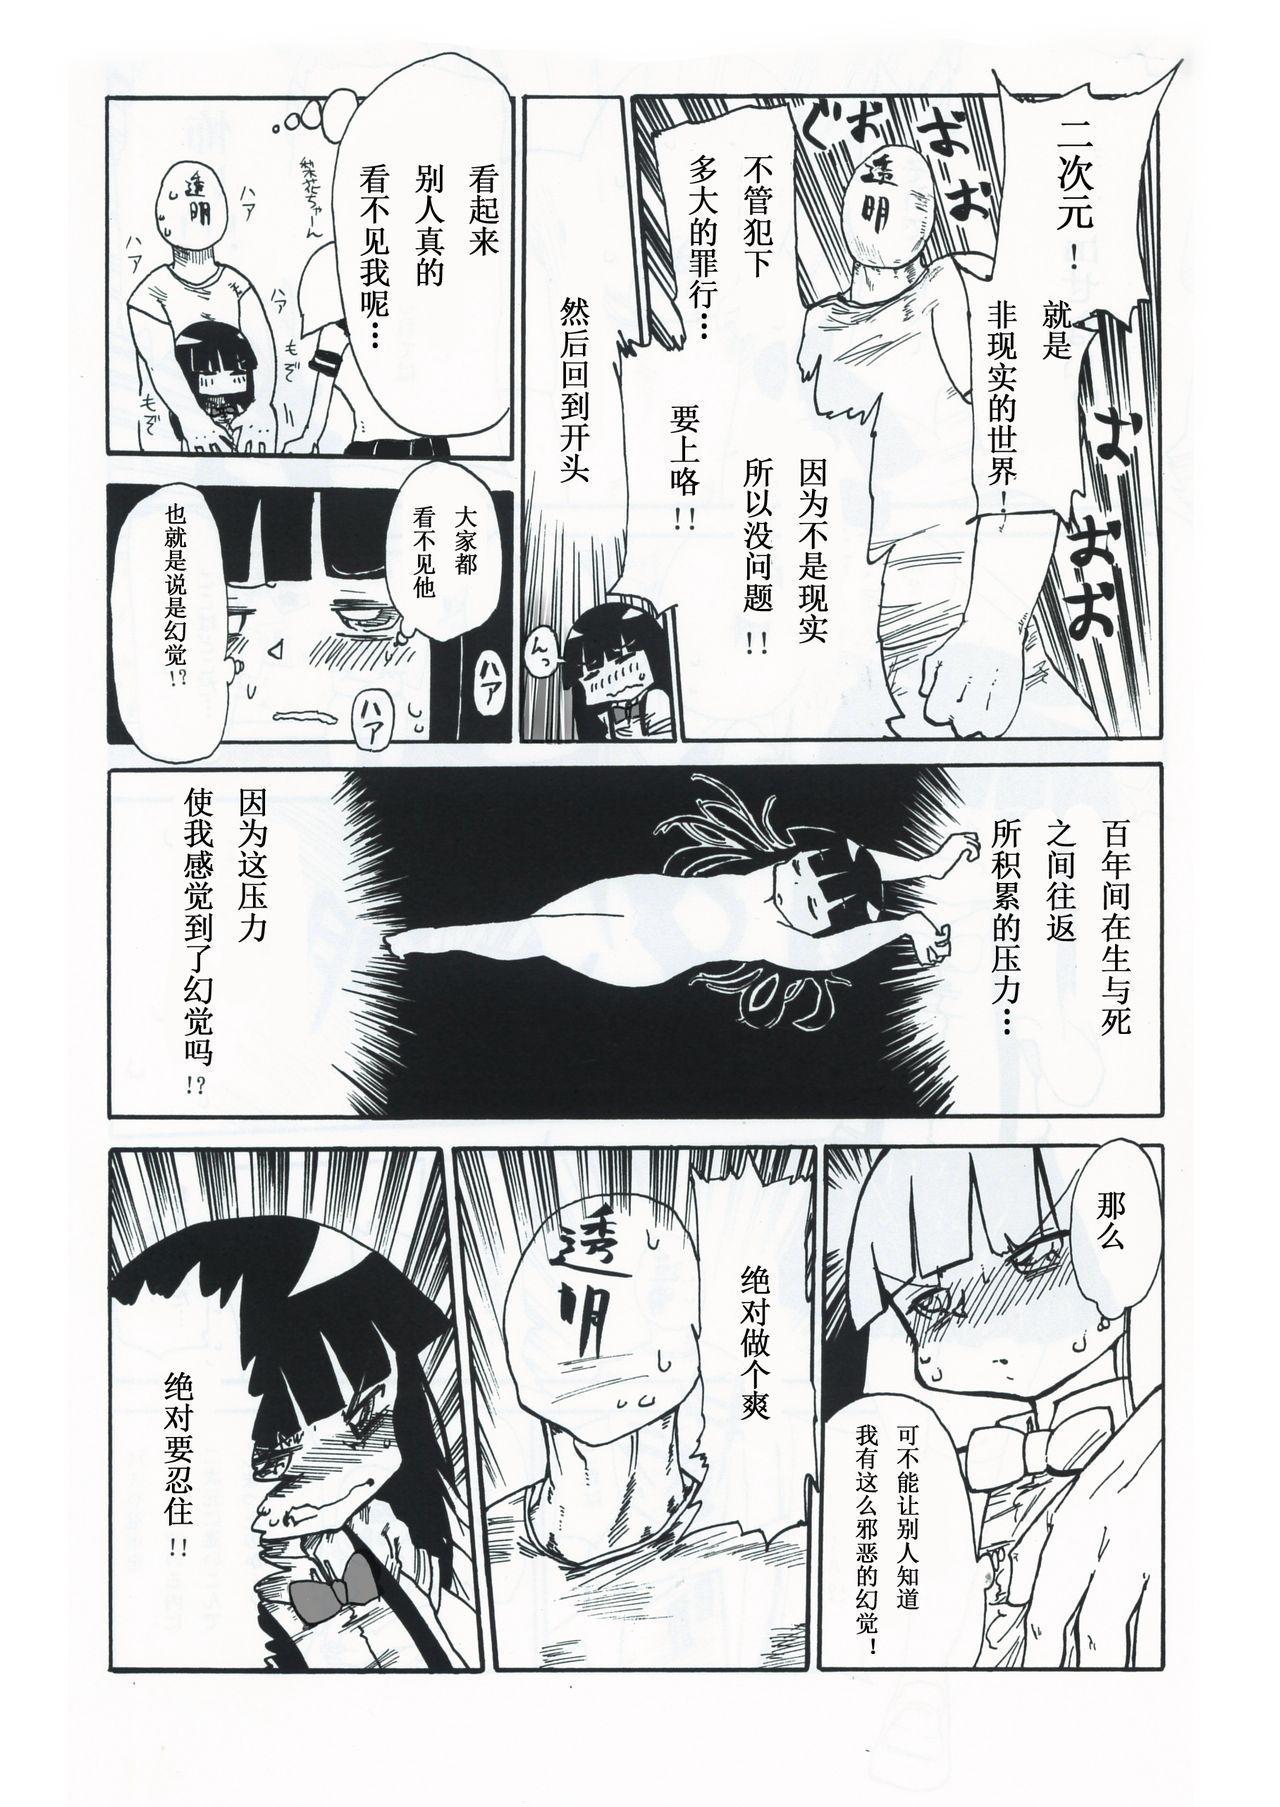 Kiki Kaikai! | 奇奇怪怪 5